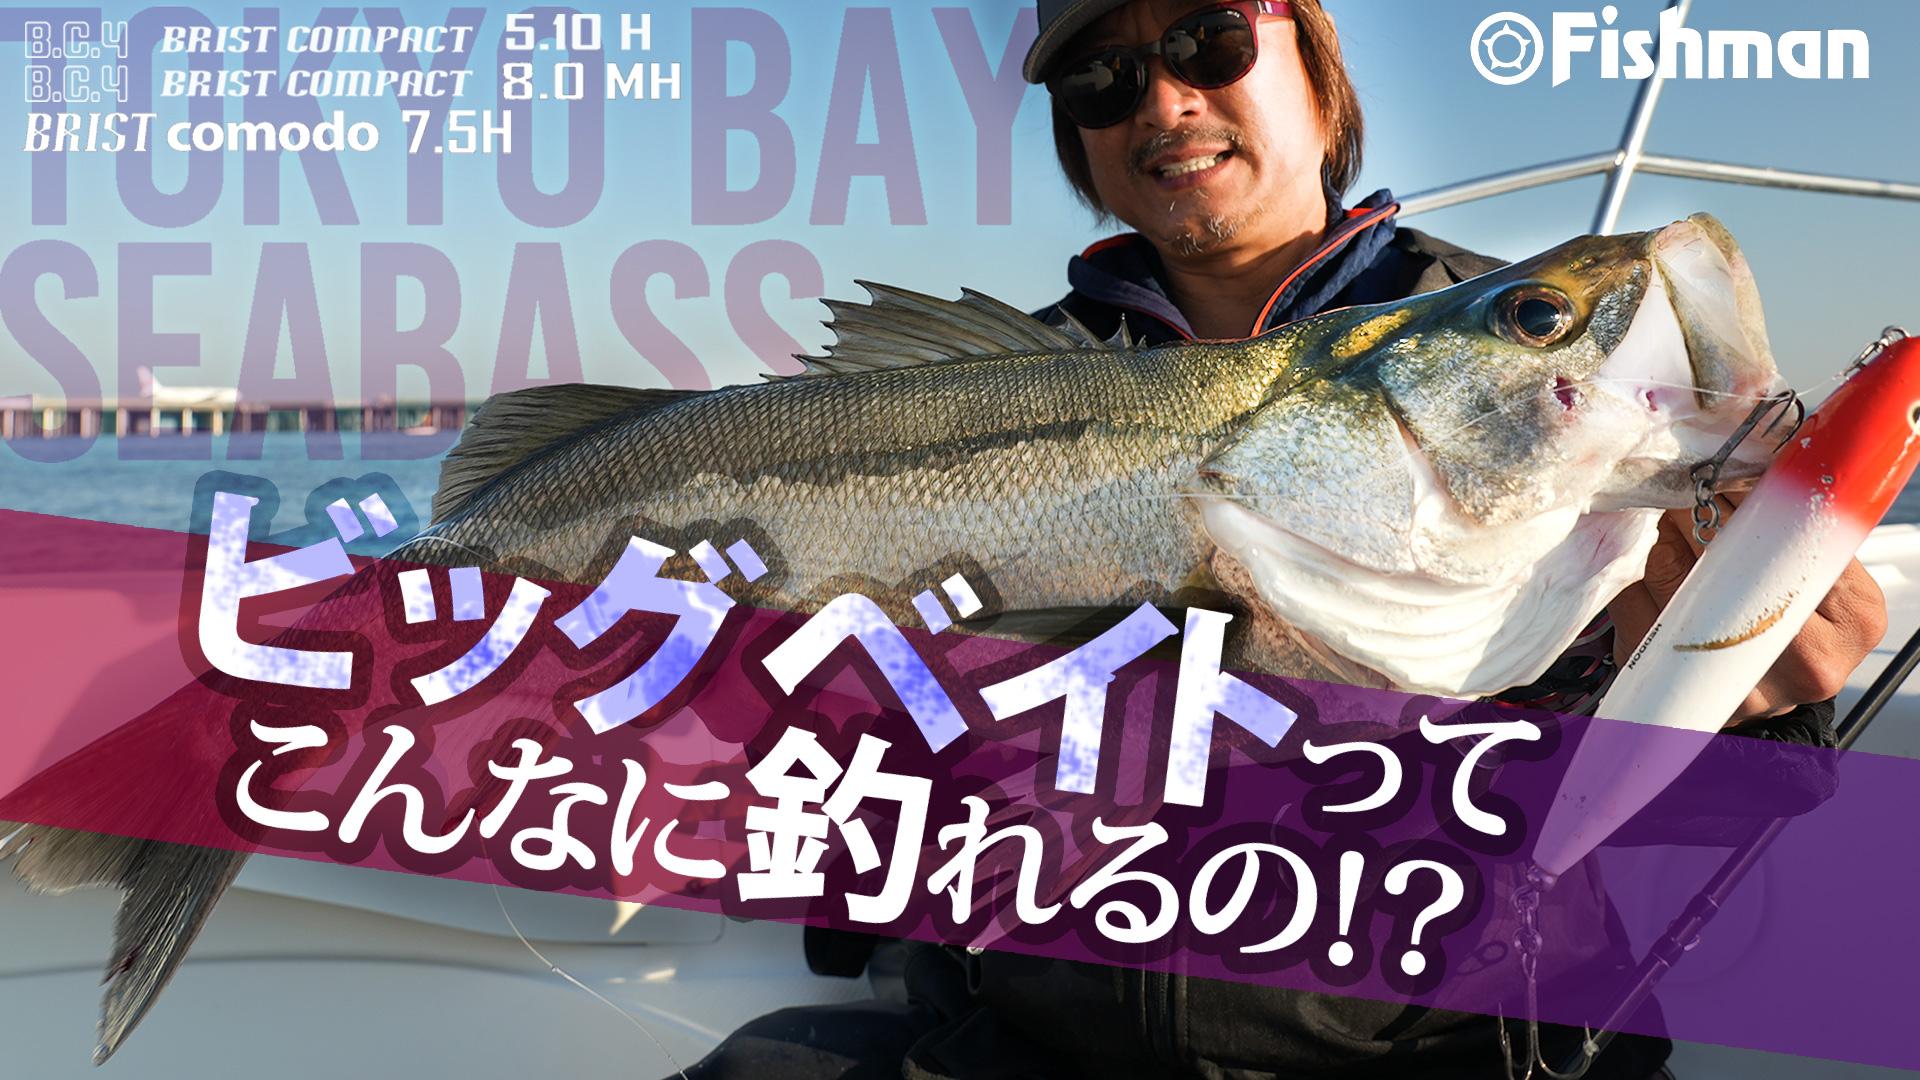 12月30日19:00「東京湾ビッグベイトシーバス!トップの釣りはこんなに釣れる!?」公開しました。